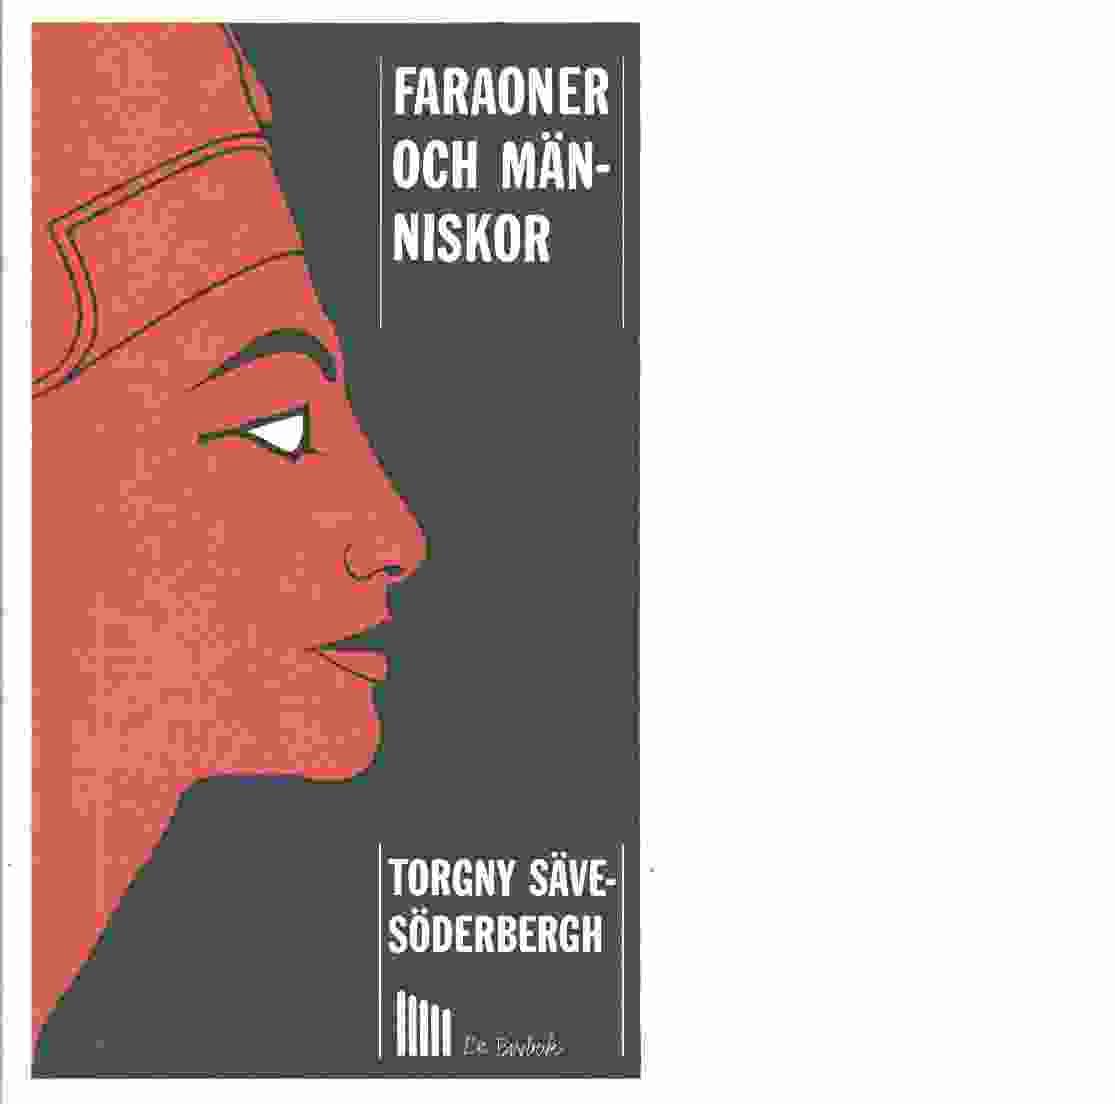 Faraoner och människor : kulturbilder från det gamla Egypten - Säve-Söderbergh, Torgny